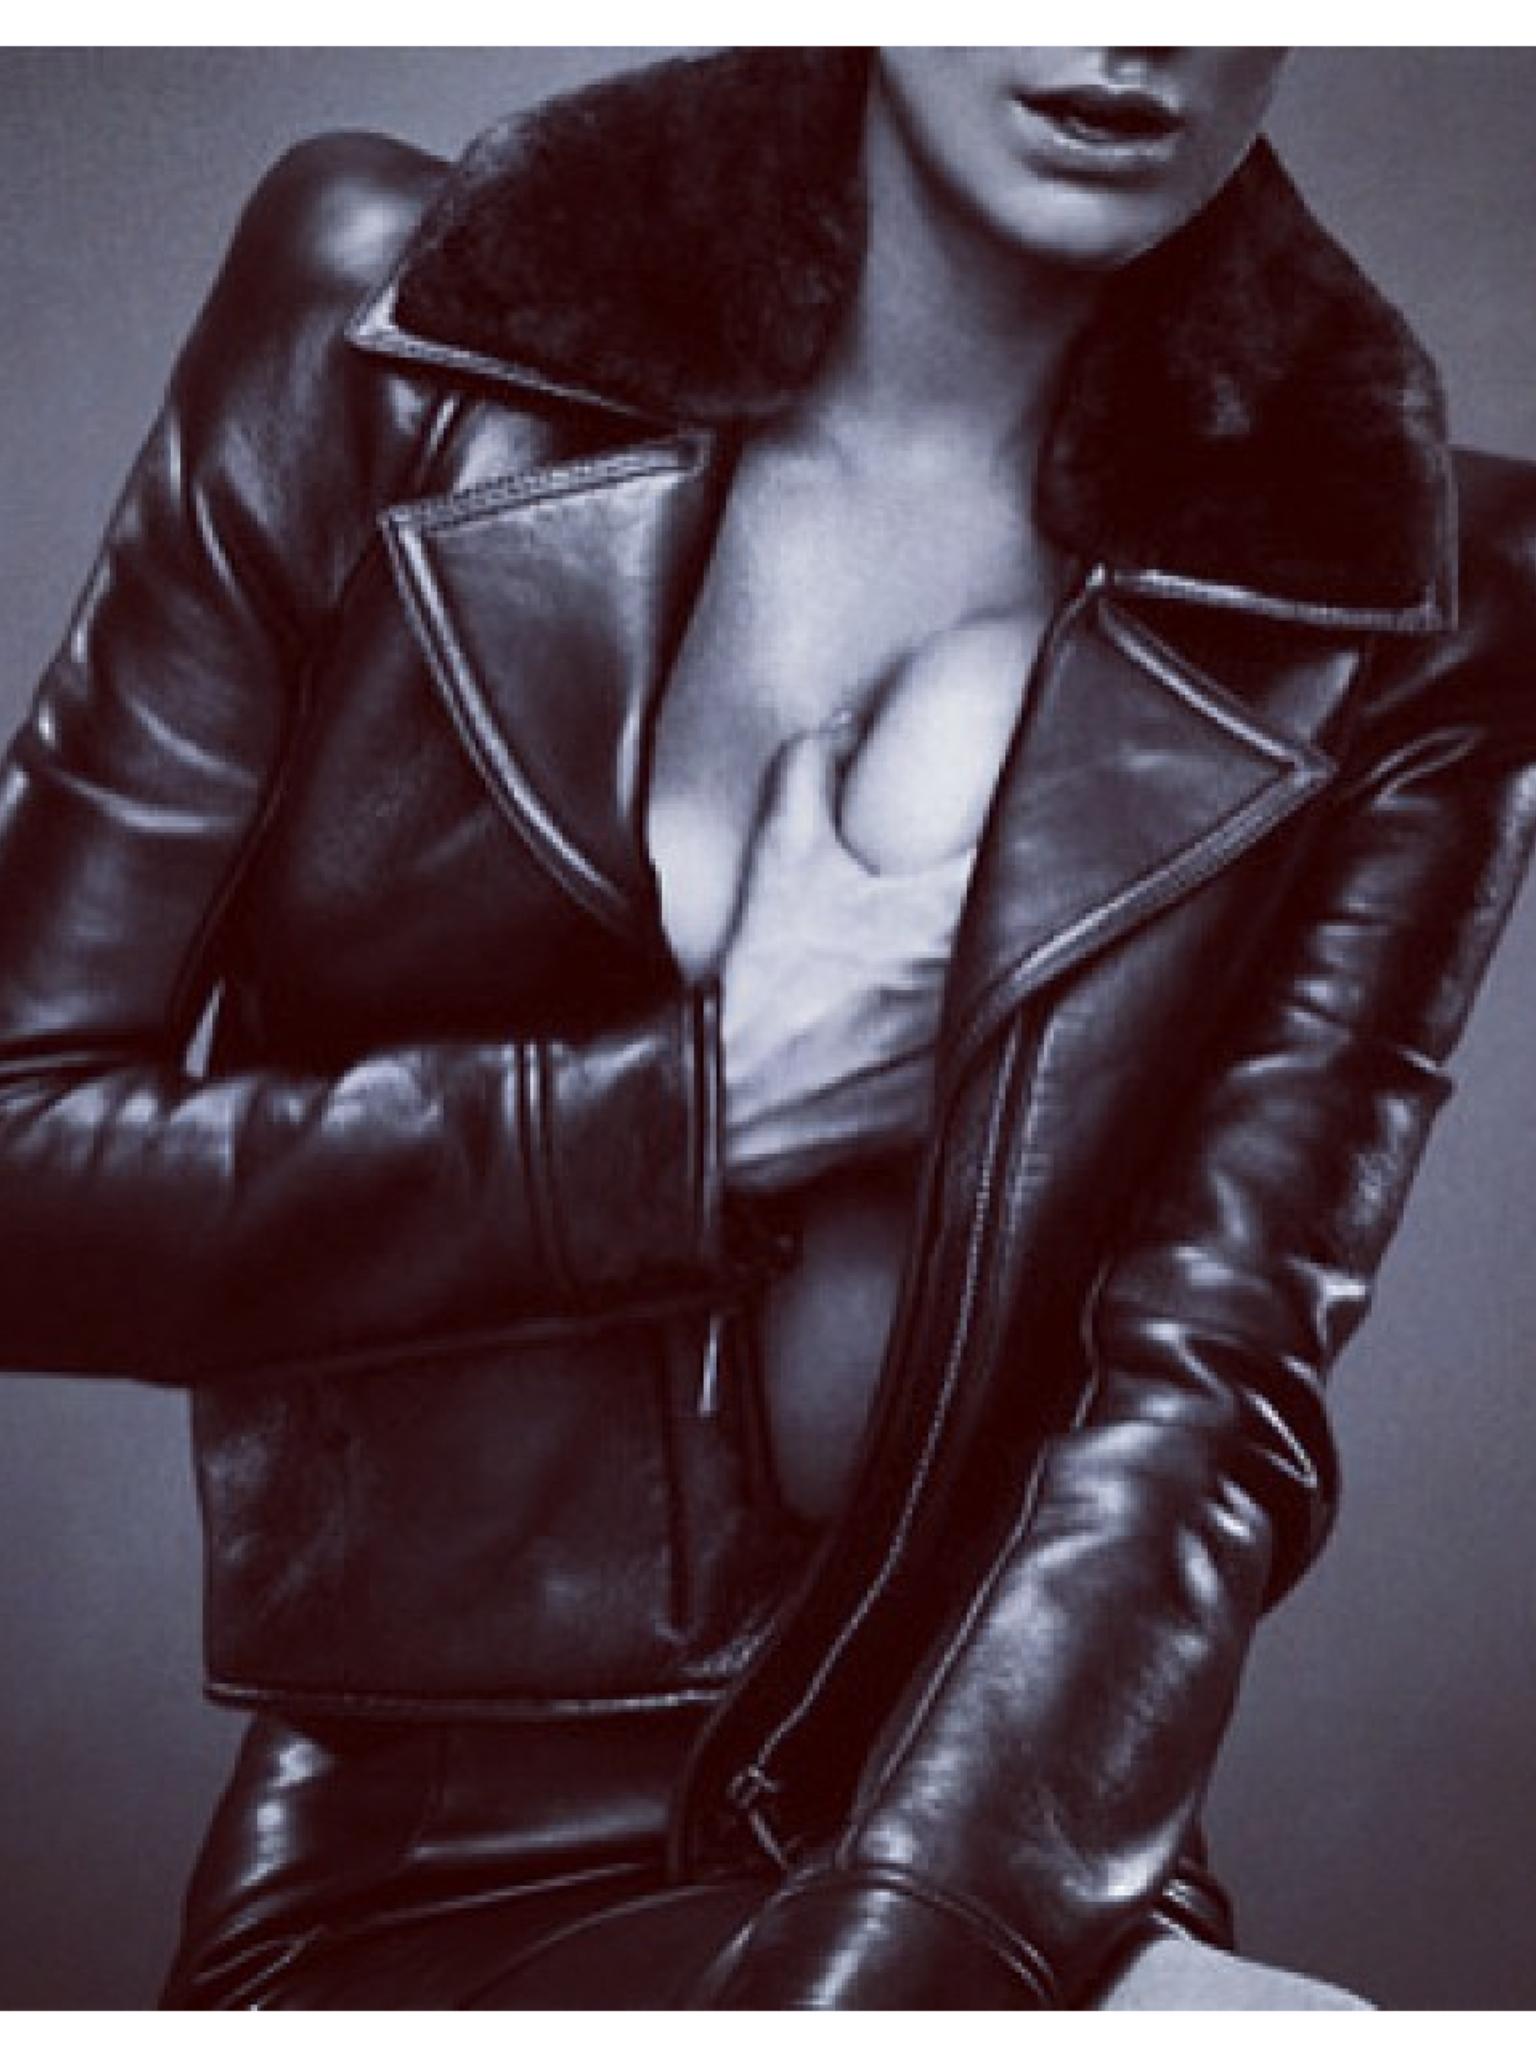 tom ford leather jacket women. Black Bedroom Furniture Sets. Home Design Ideas